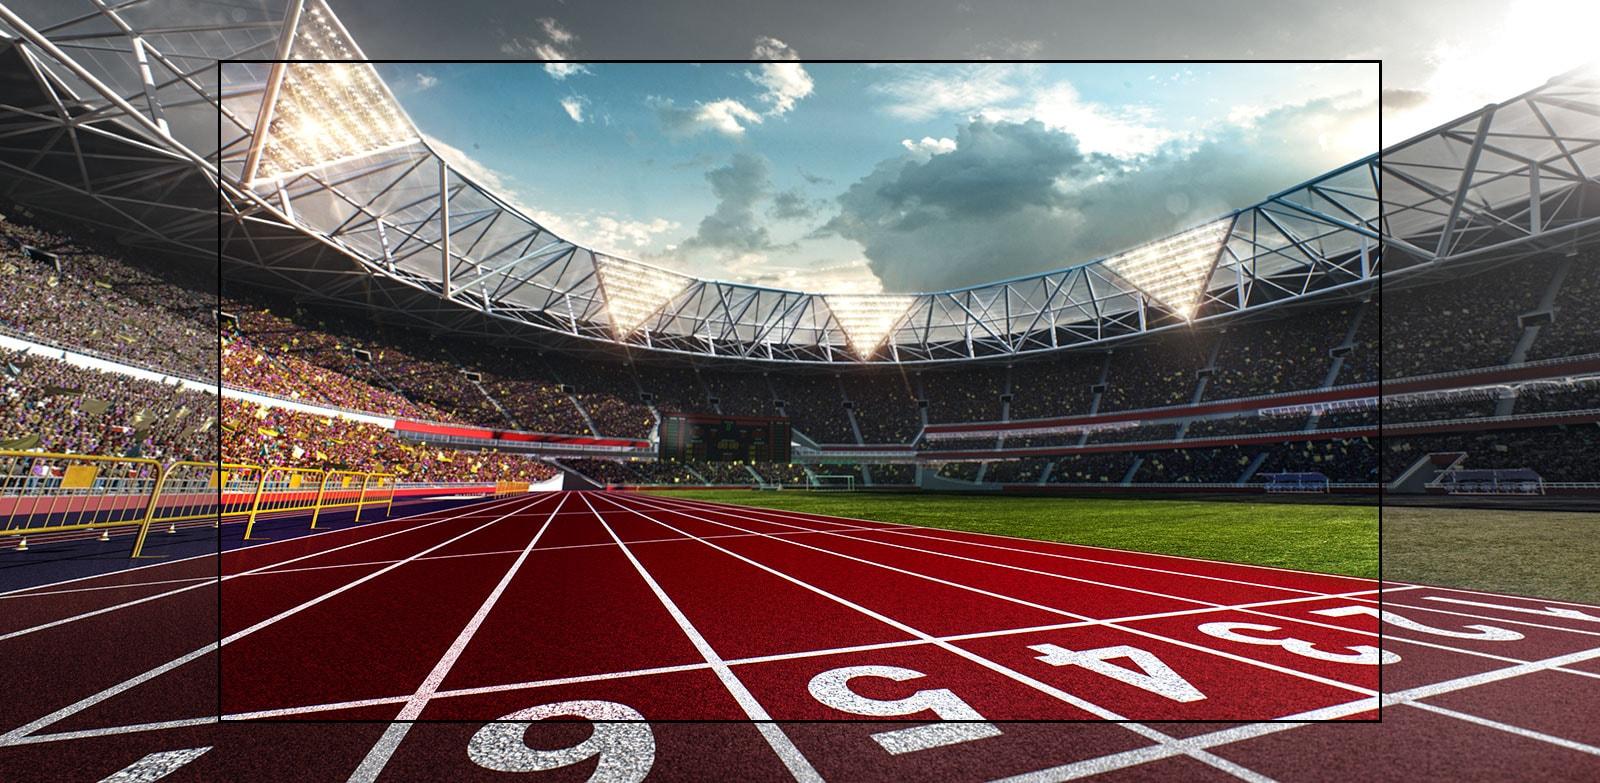 Tela da TV mostrando um estádio com uma visão da pista de corrida de perto. As arquibancadas do estádio estão lotadas.